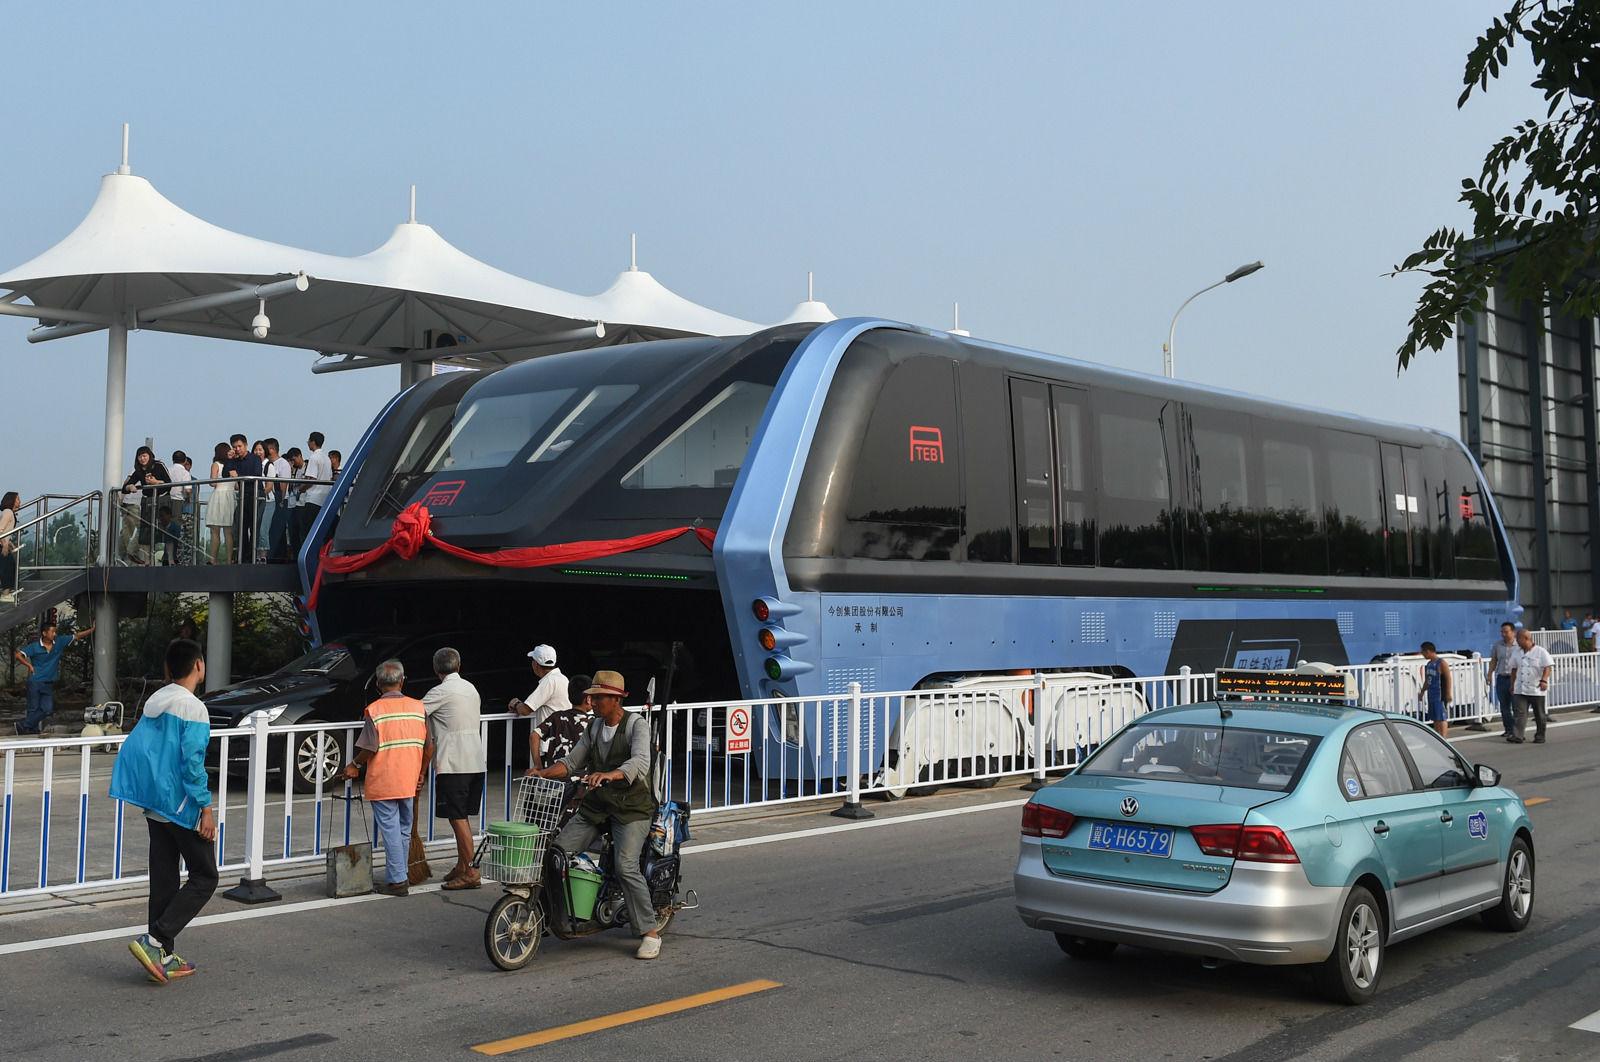 TEB, El gigantesco autobús chino, ya es una realidad